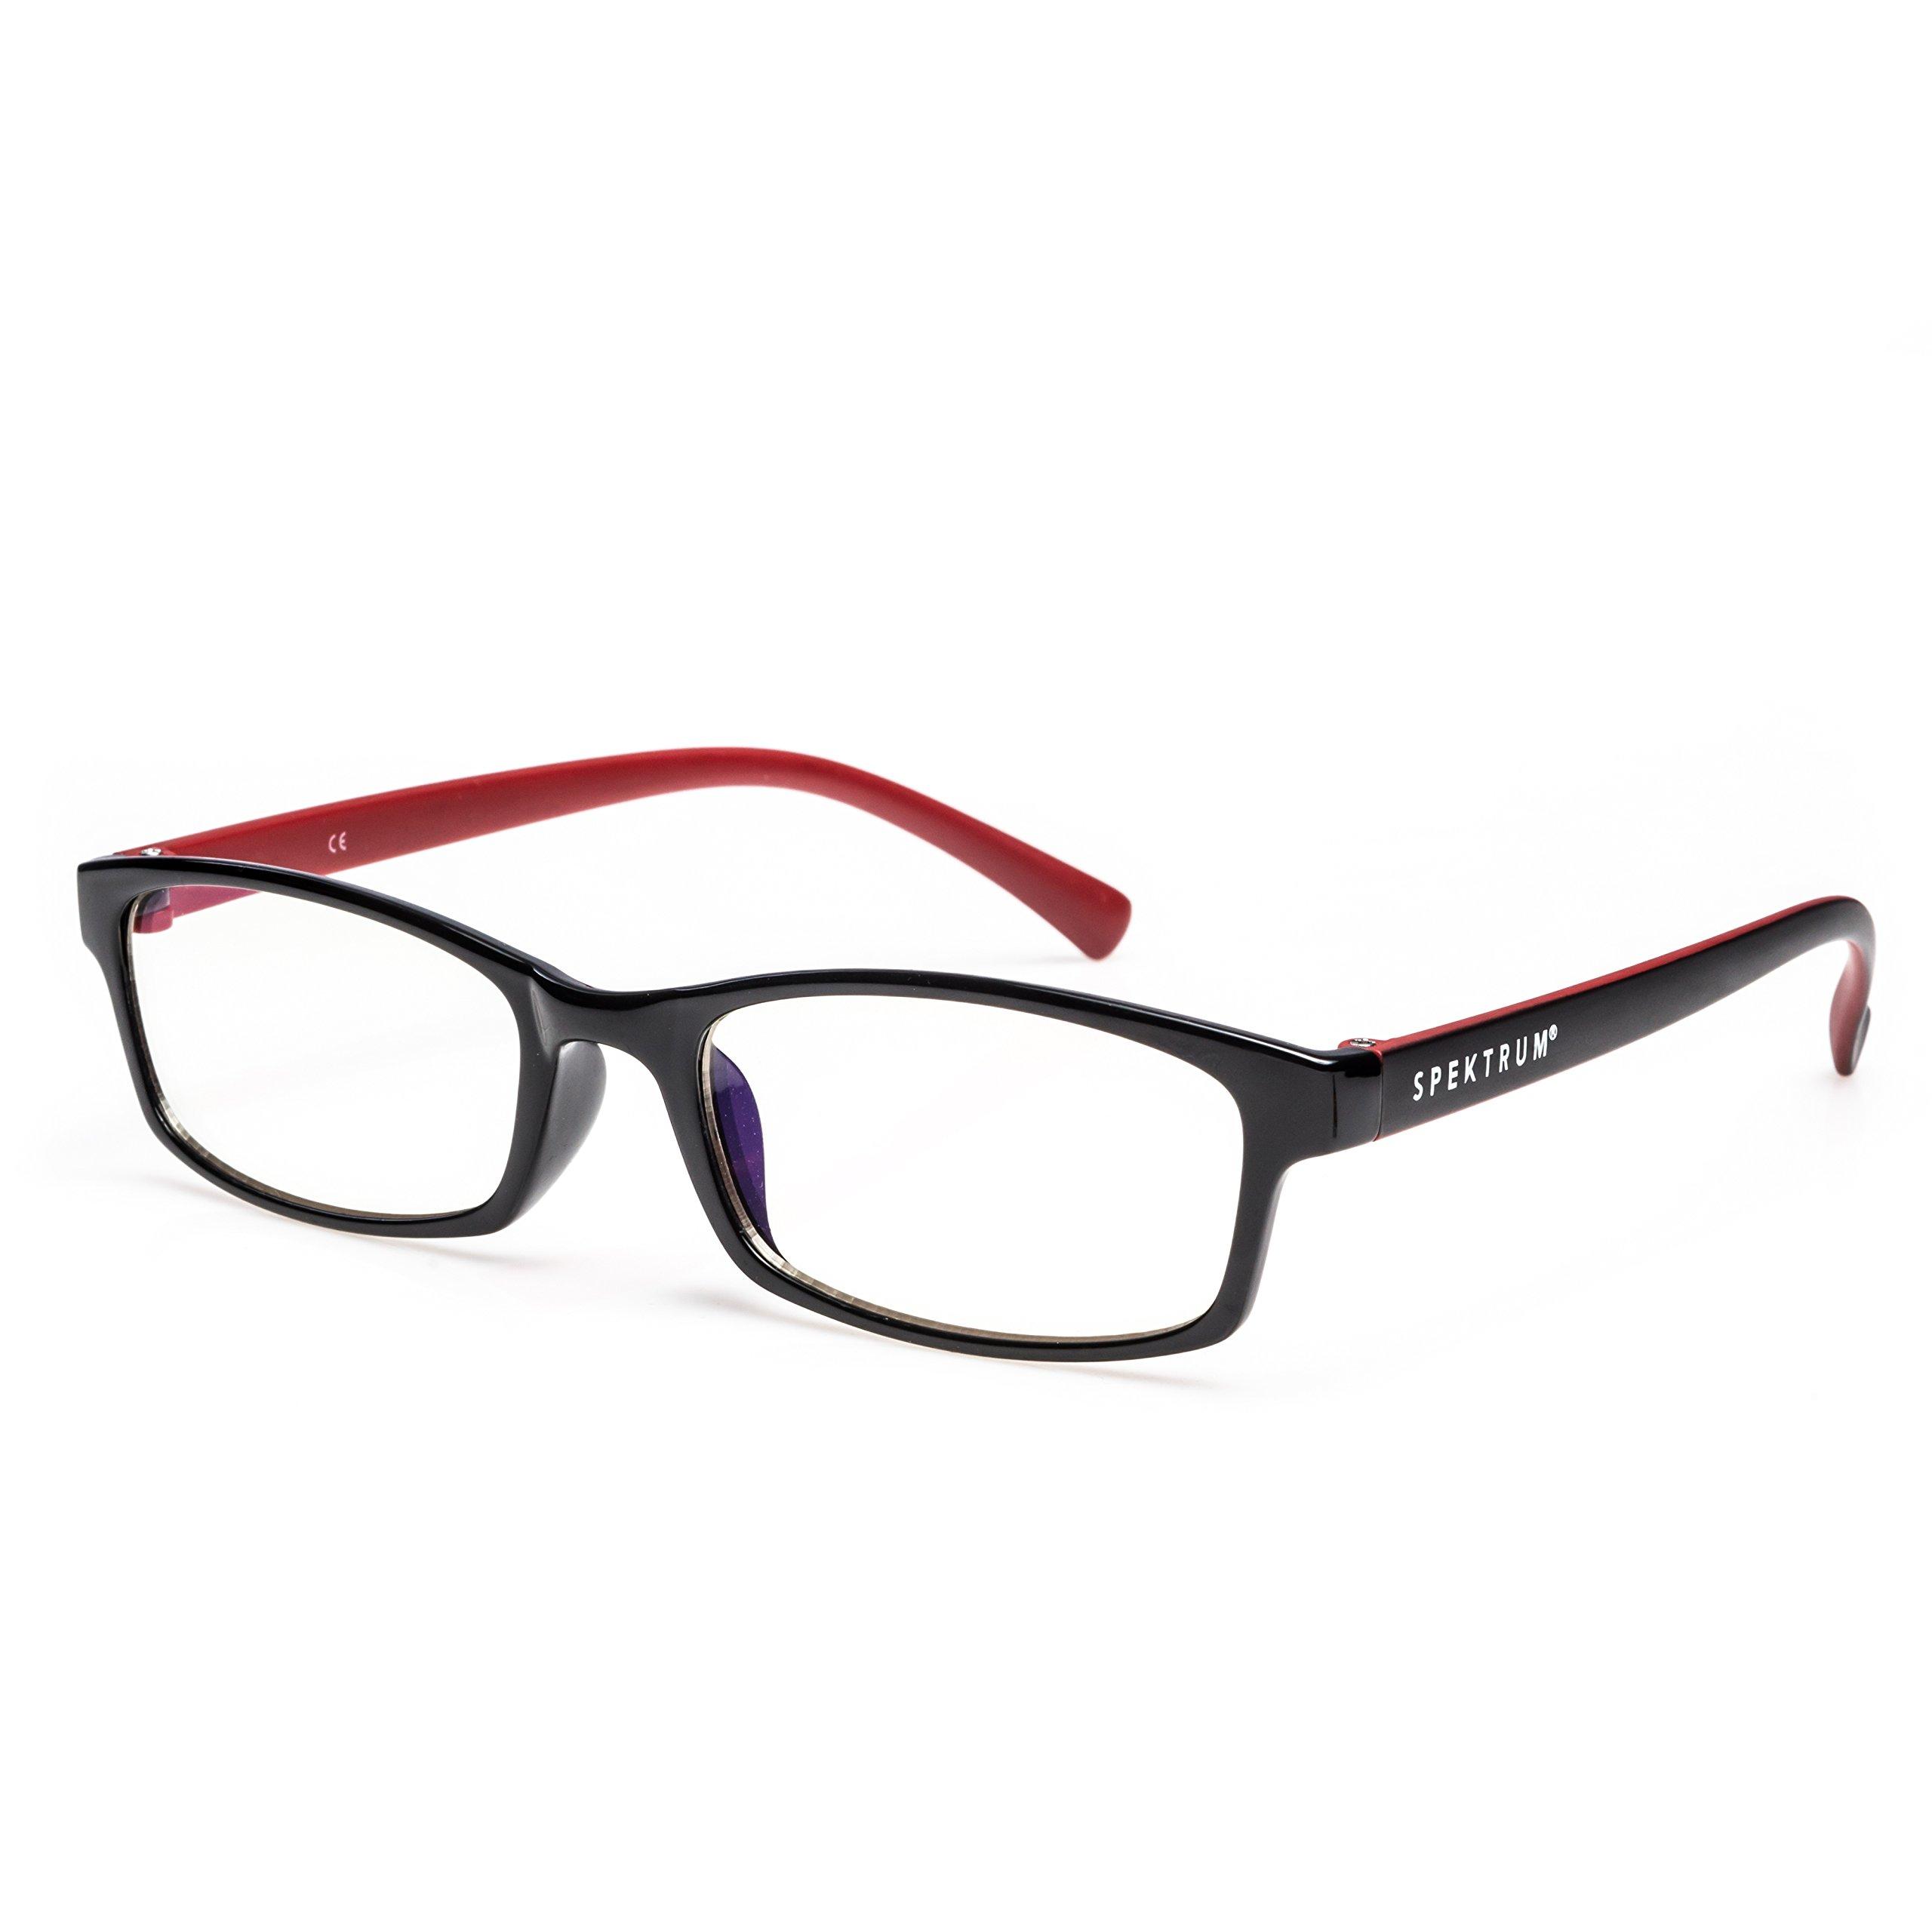 f0b375ead2ef Glasses For Computer Glare Amazon